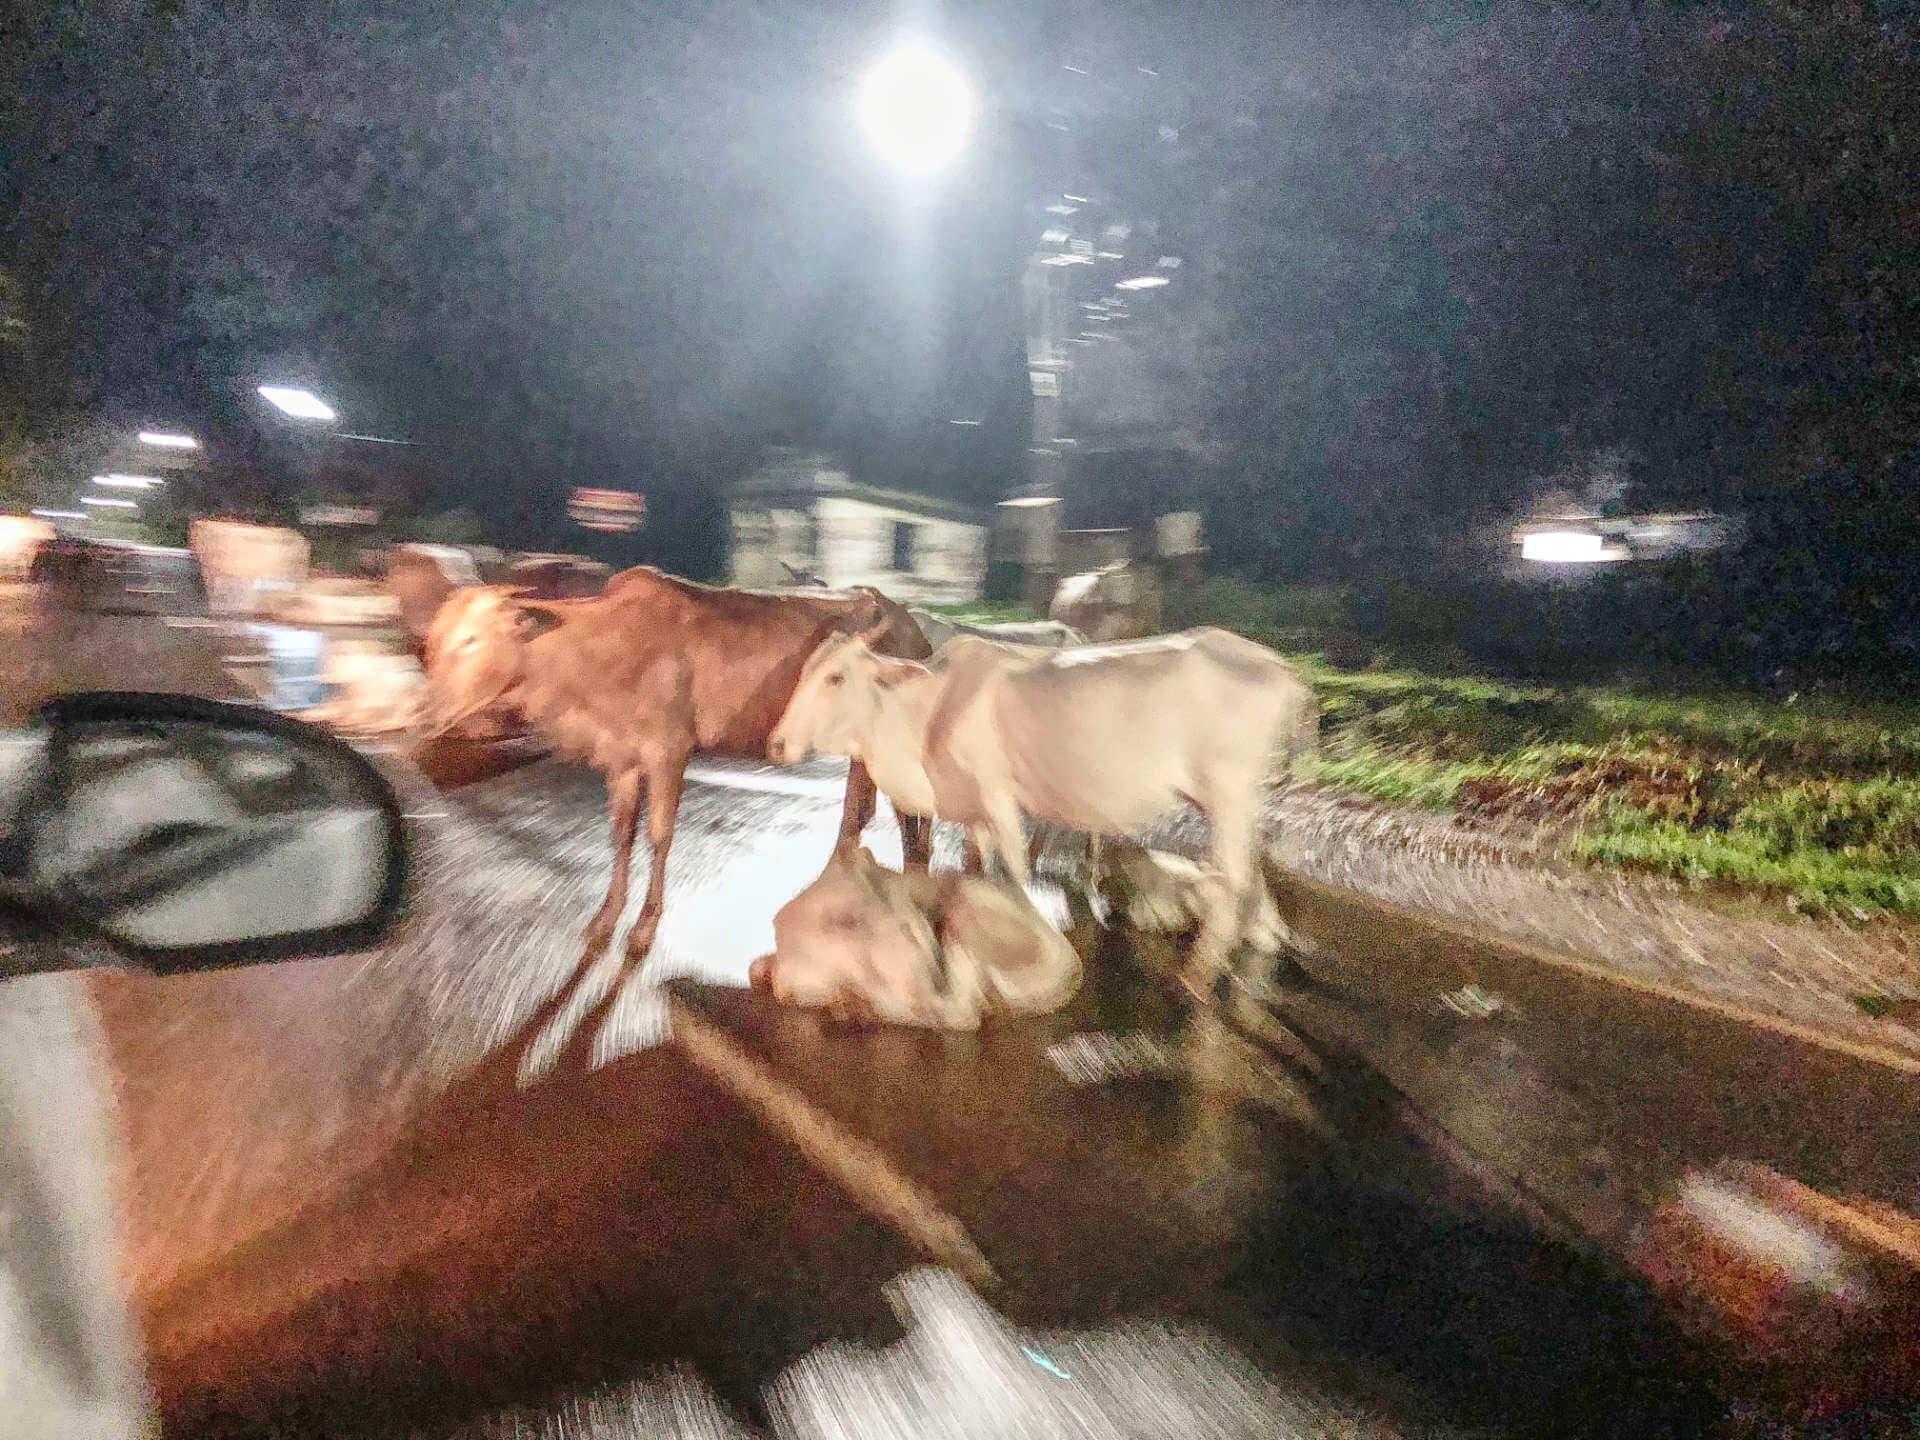 Indien Goa Highway Kühe sitzen auf der Straße